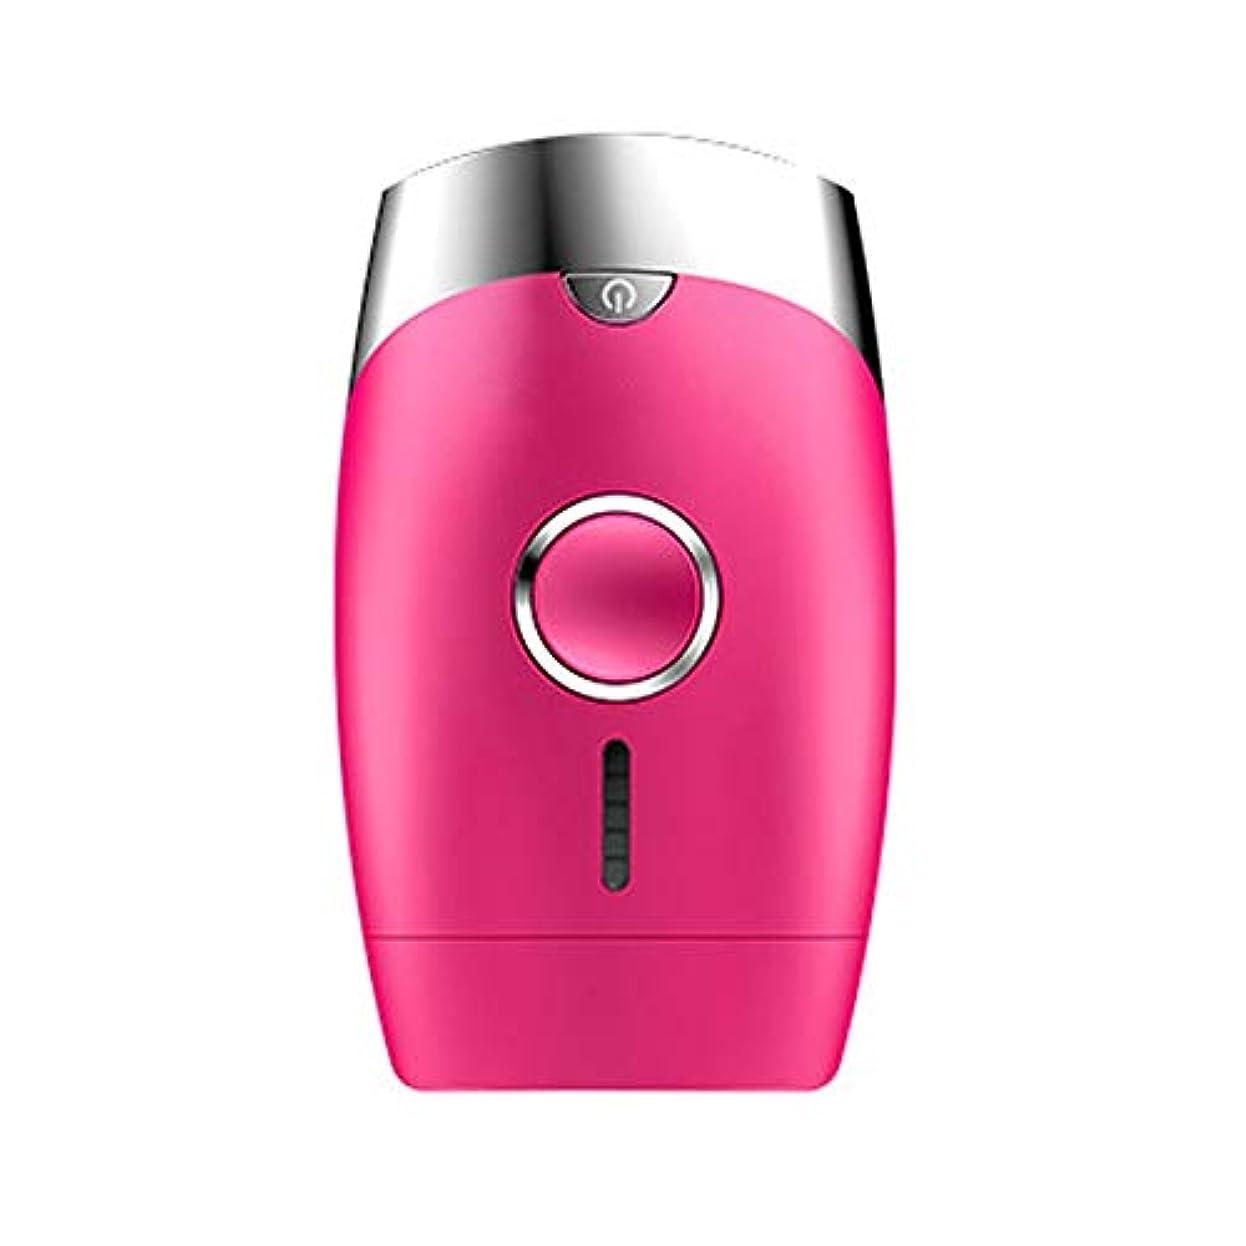 触手アテンダント文法ピンク、5スピード調整、インテリジェント家庭用痛みのない凝固点ヘアリムーバー、シングルフラッシュ/連続フラッシュ、サイズ13.9 X 8.3 X 4.8 Cm 安全性 (Color : Pink)